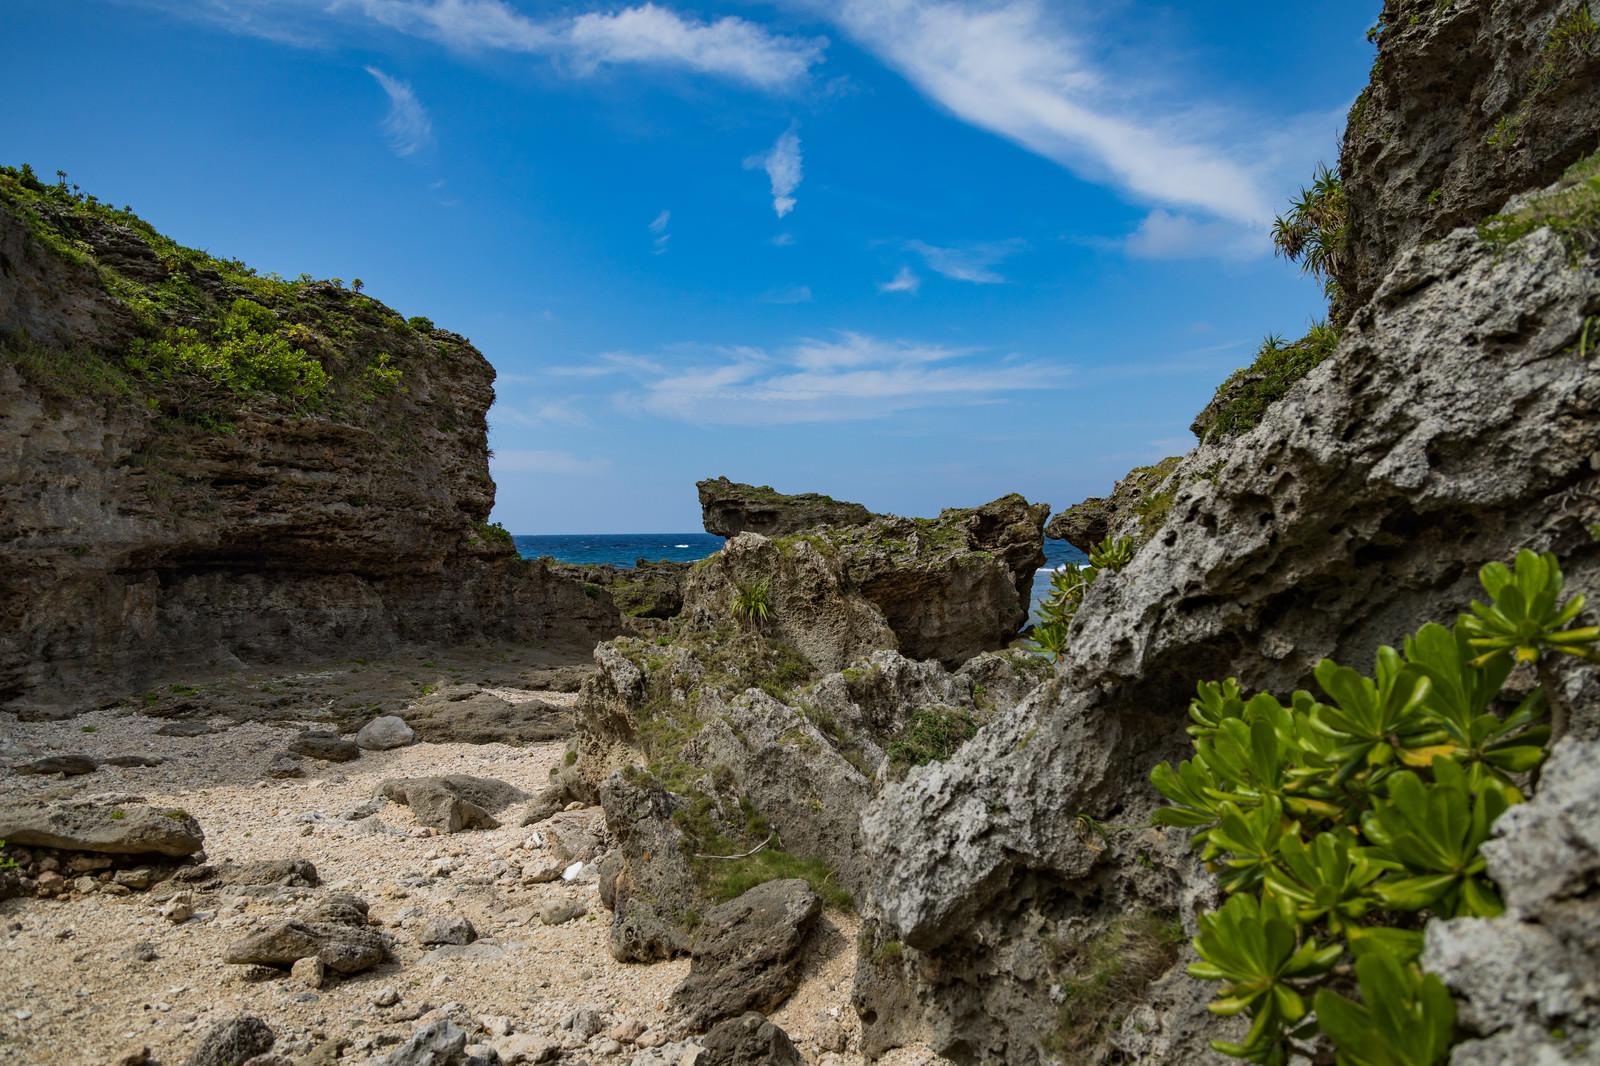 「犬田布海岸の岩場」の写真